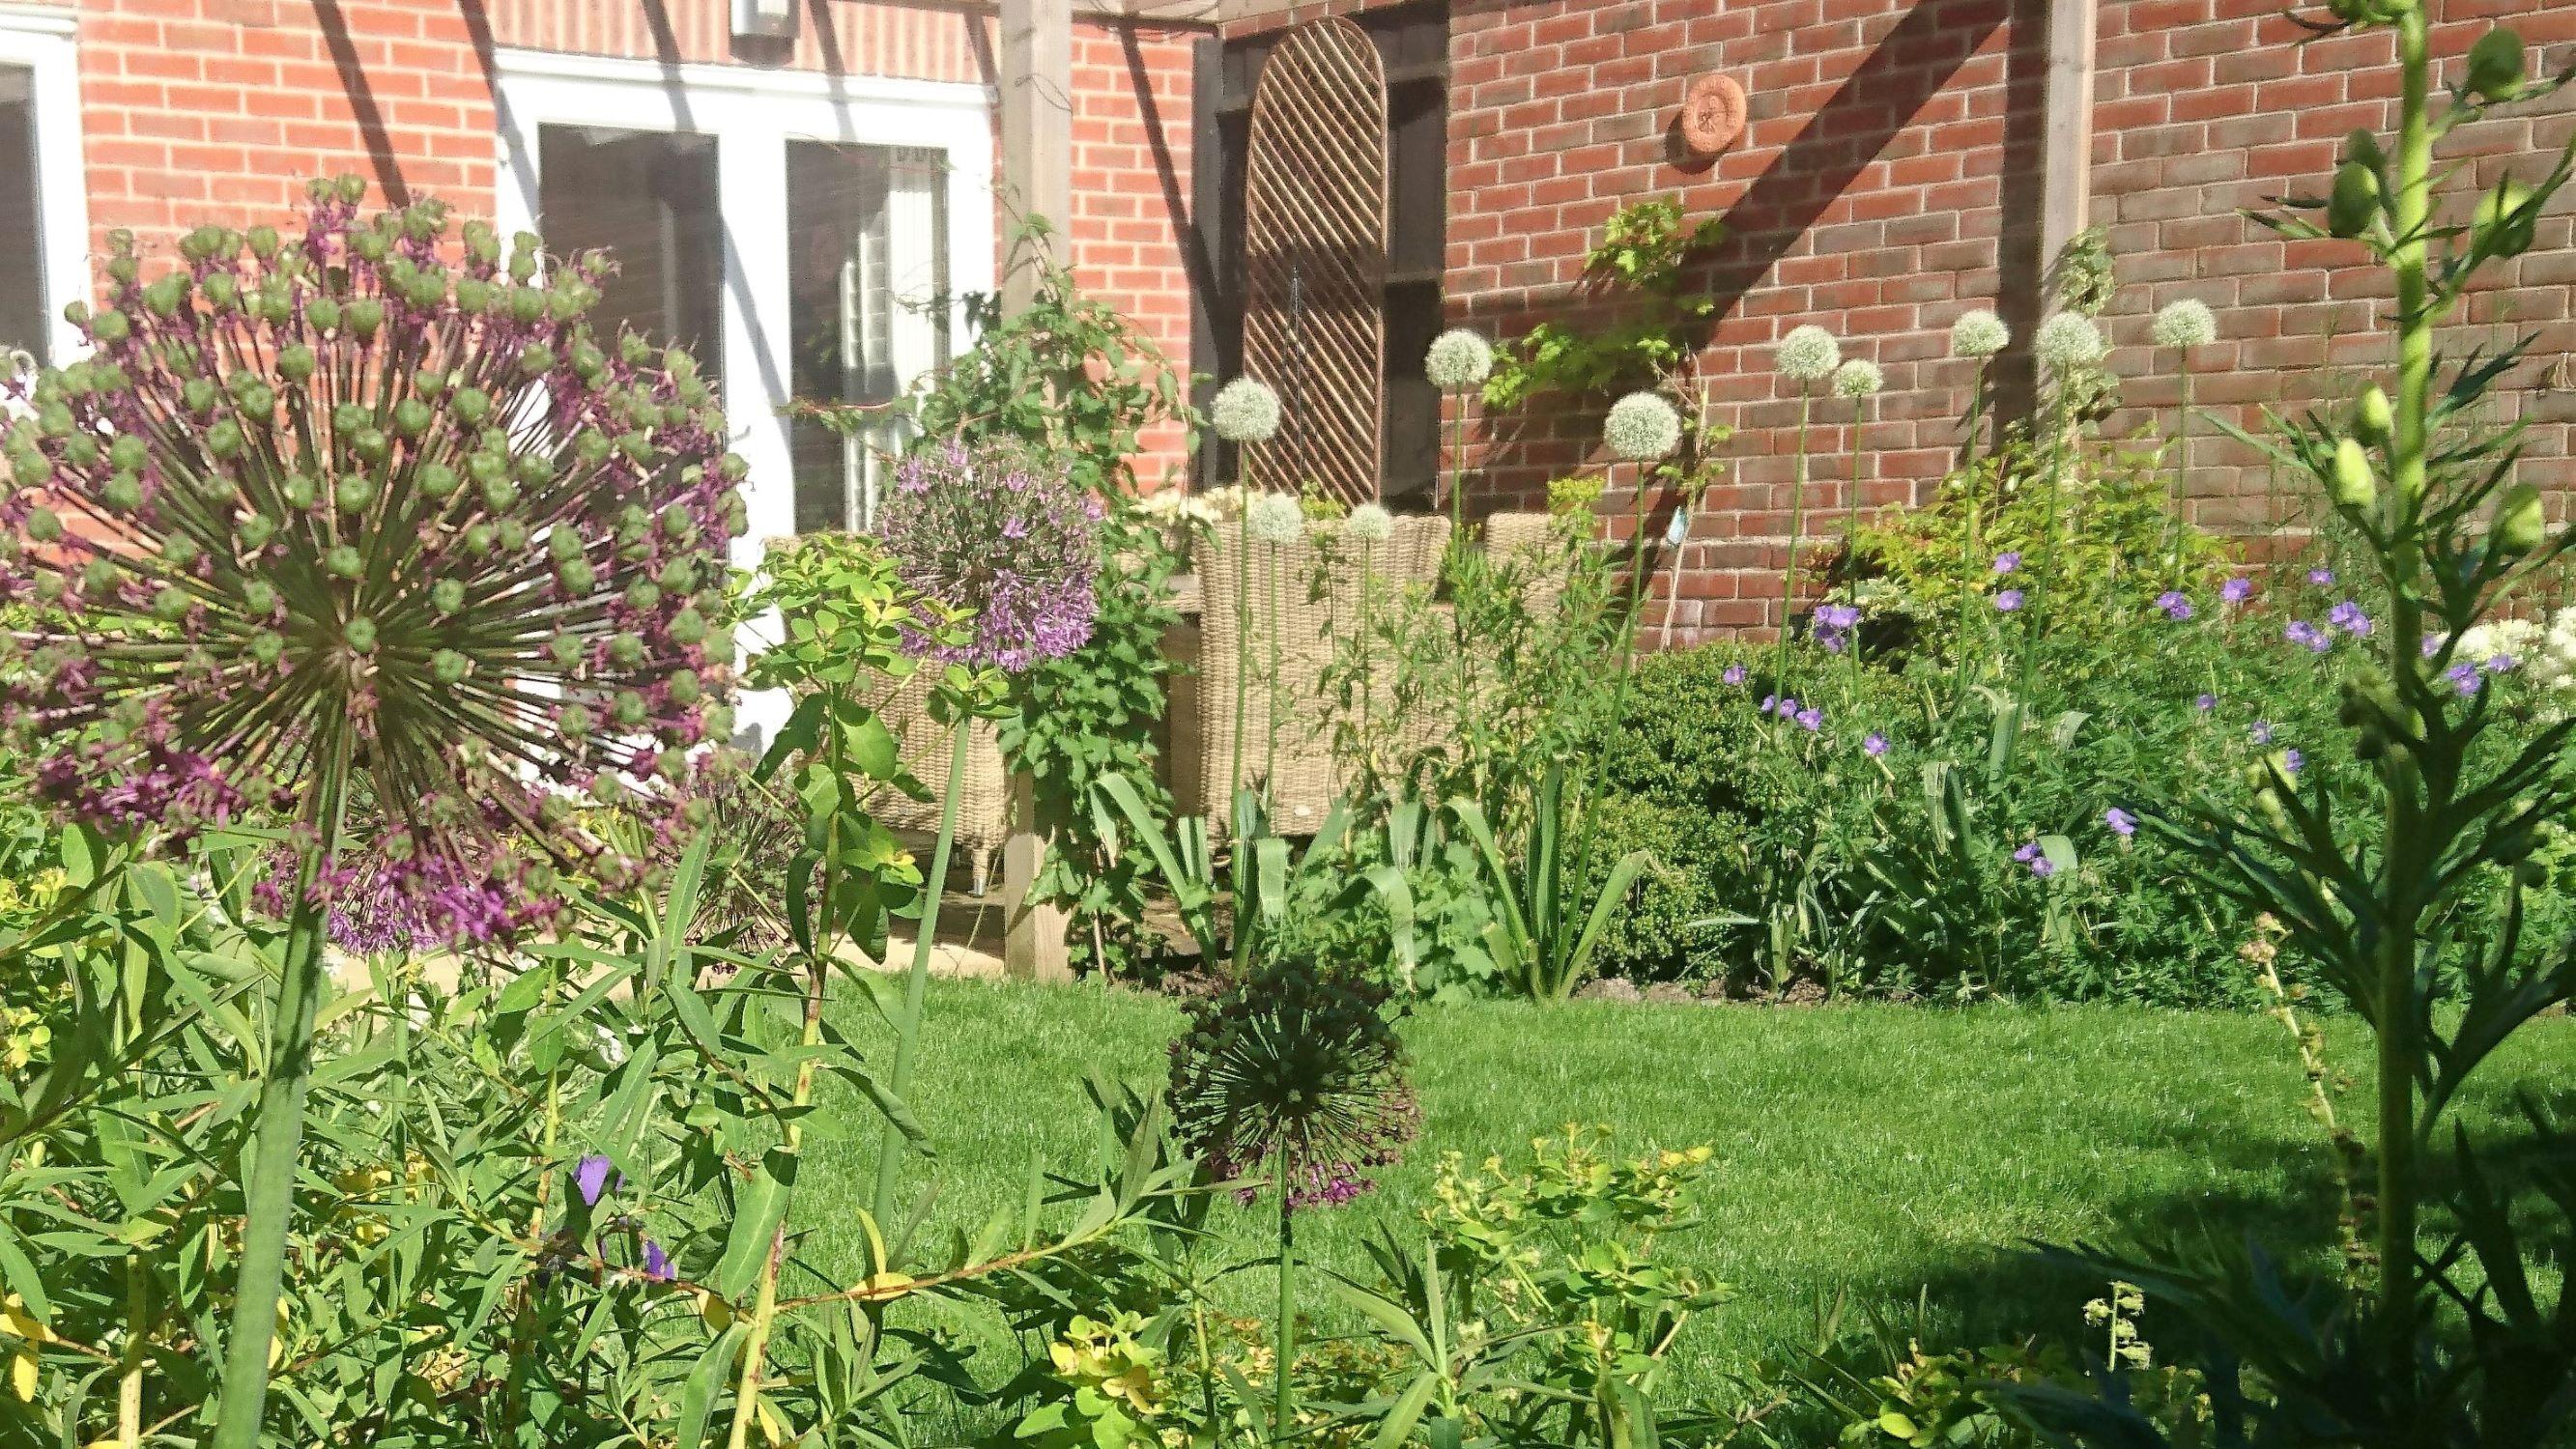 small town garden landscape 04.jpg